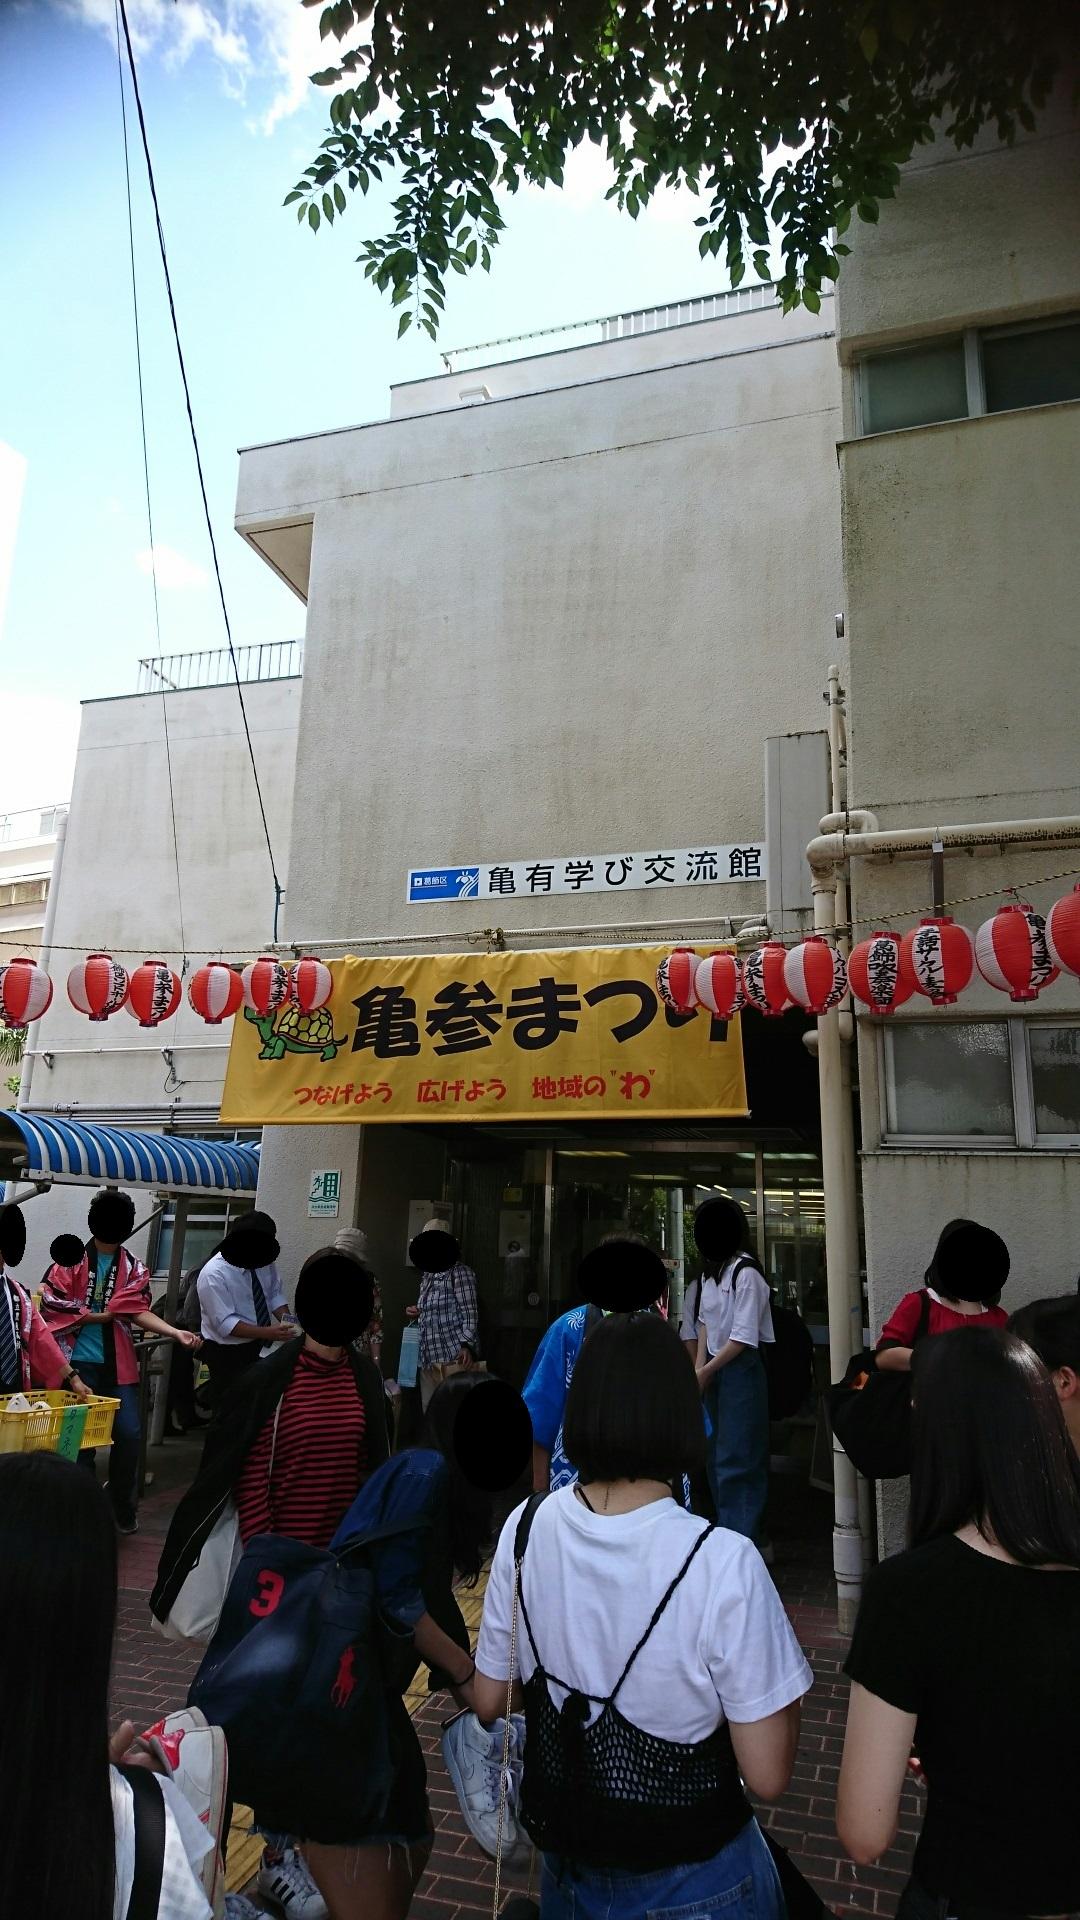 20170604_亀参まつり2